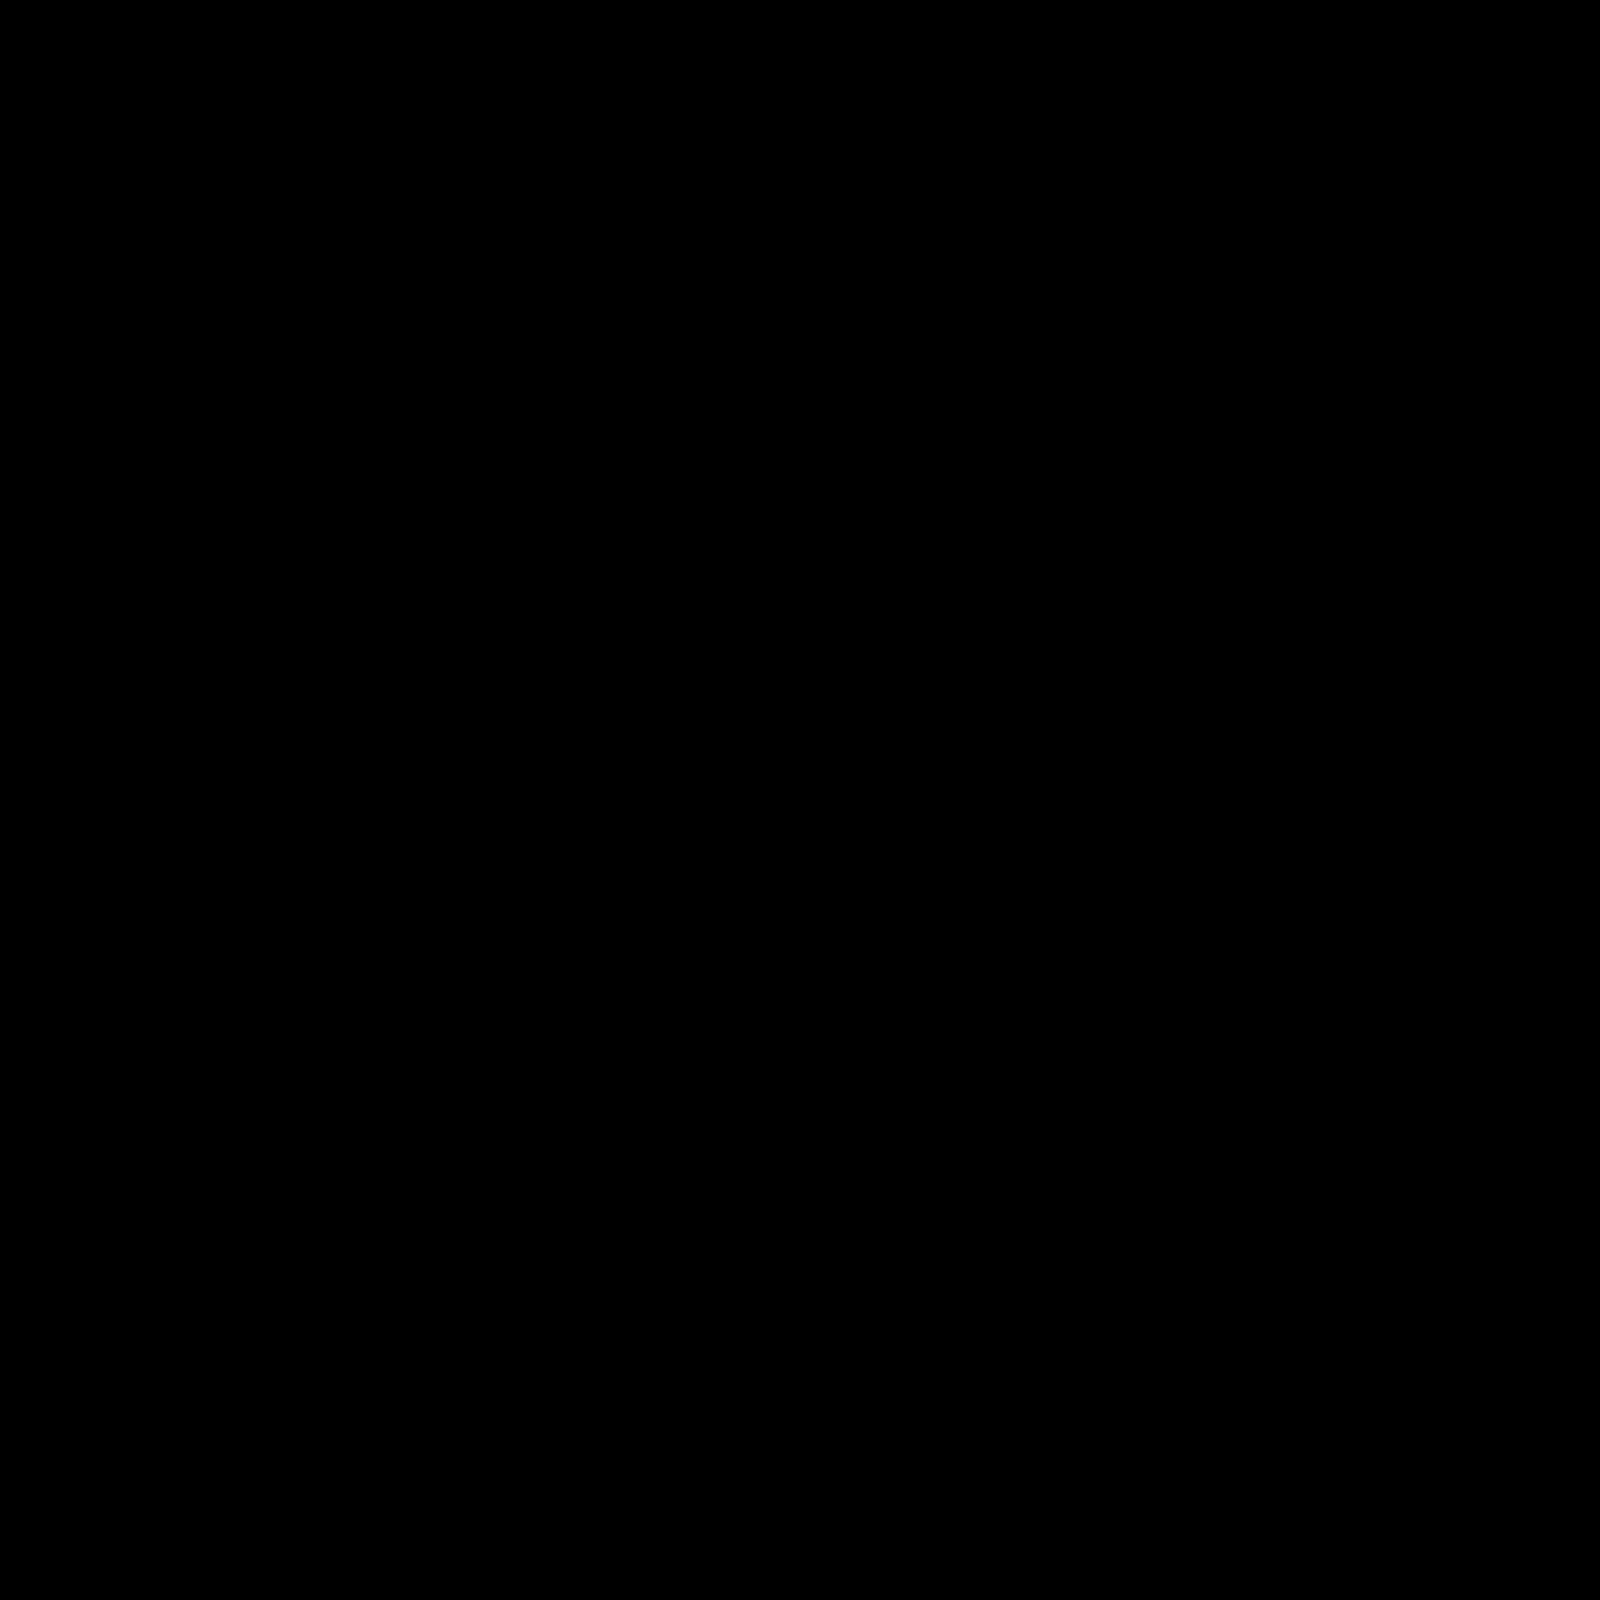 Database Filled icon